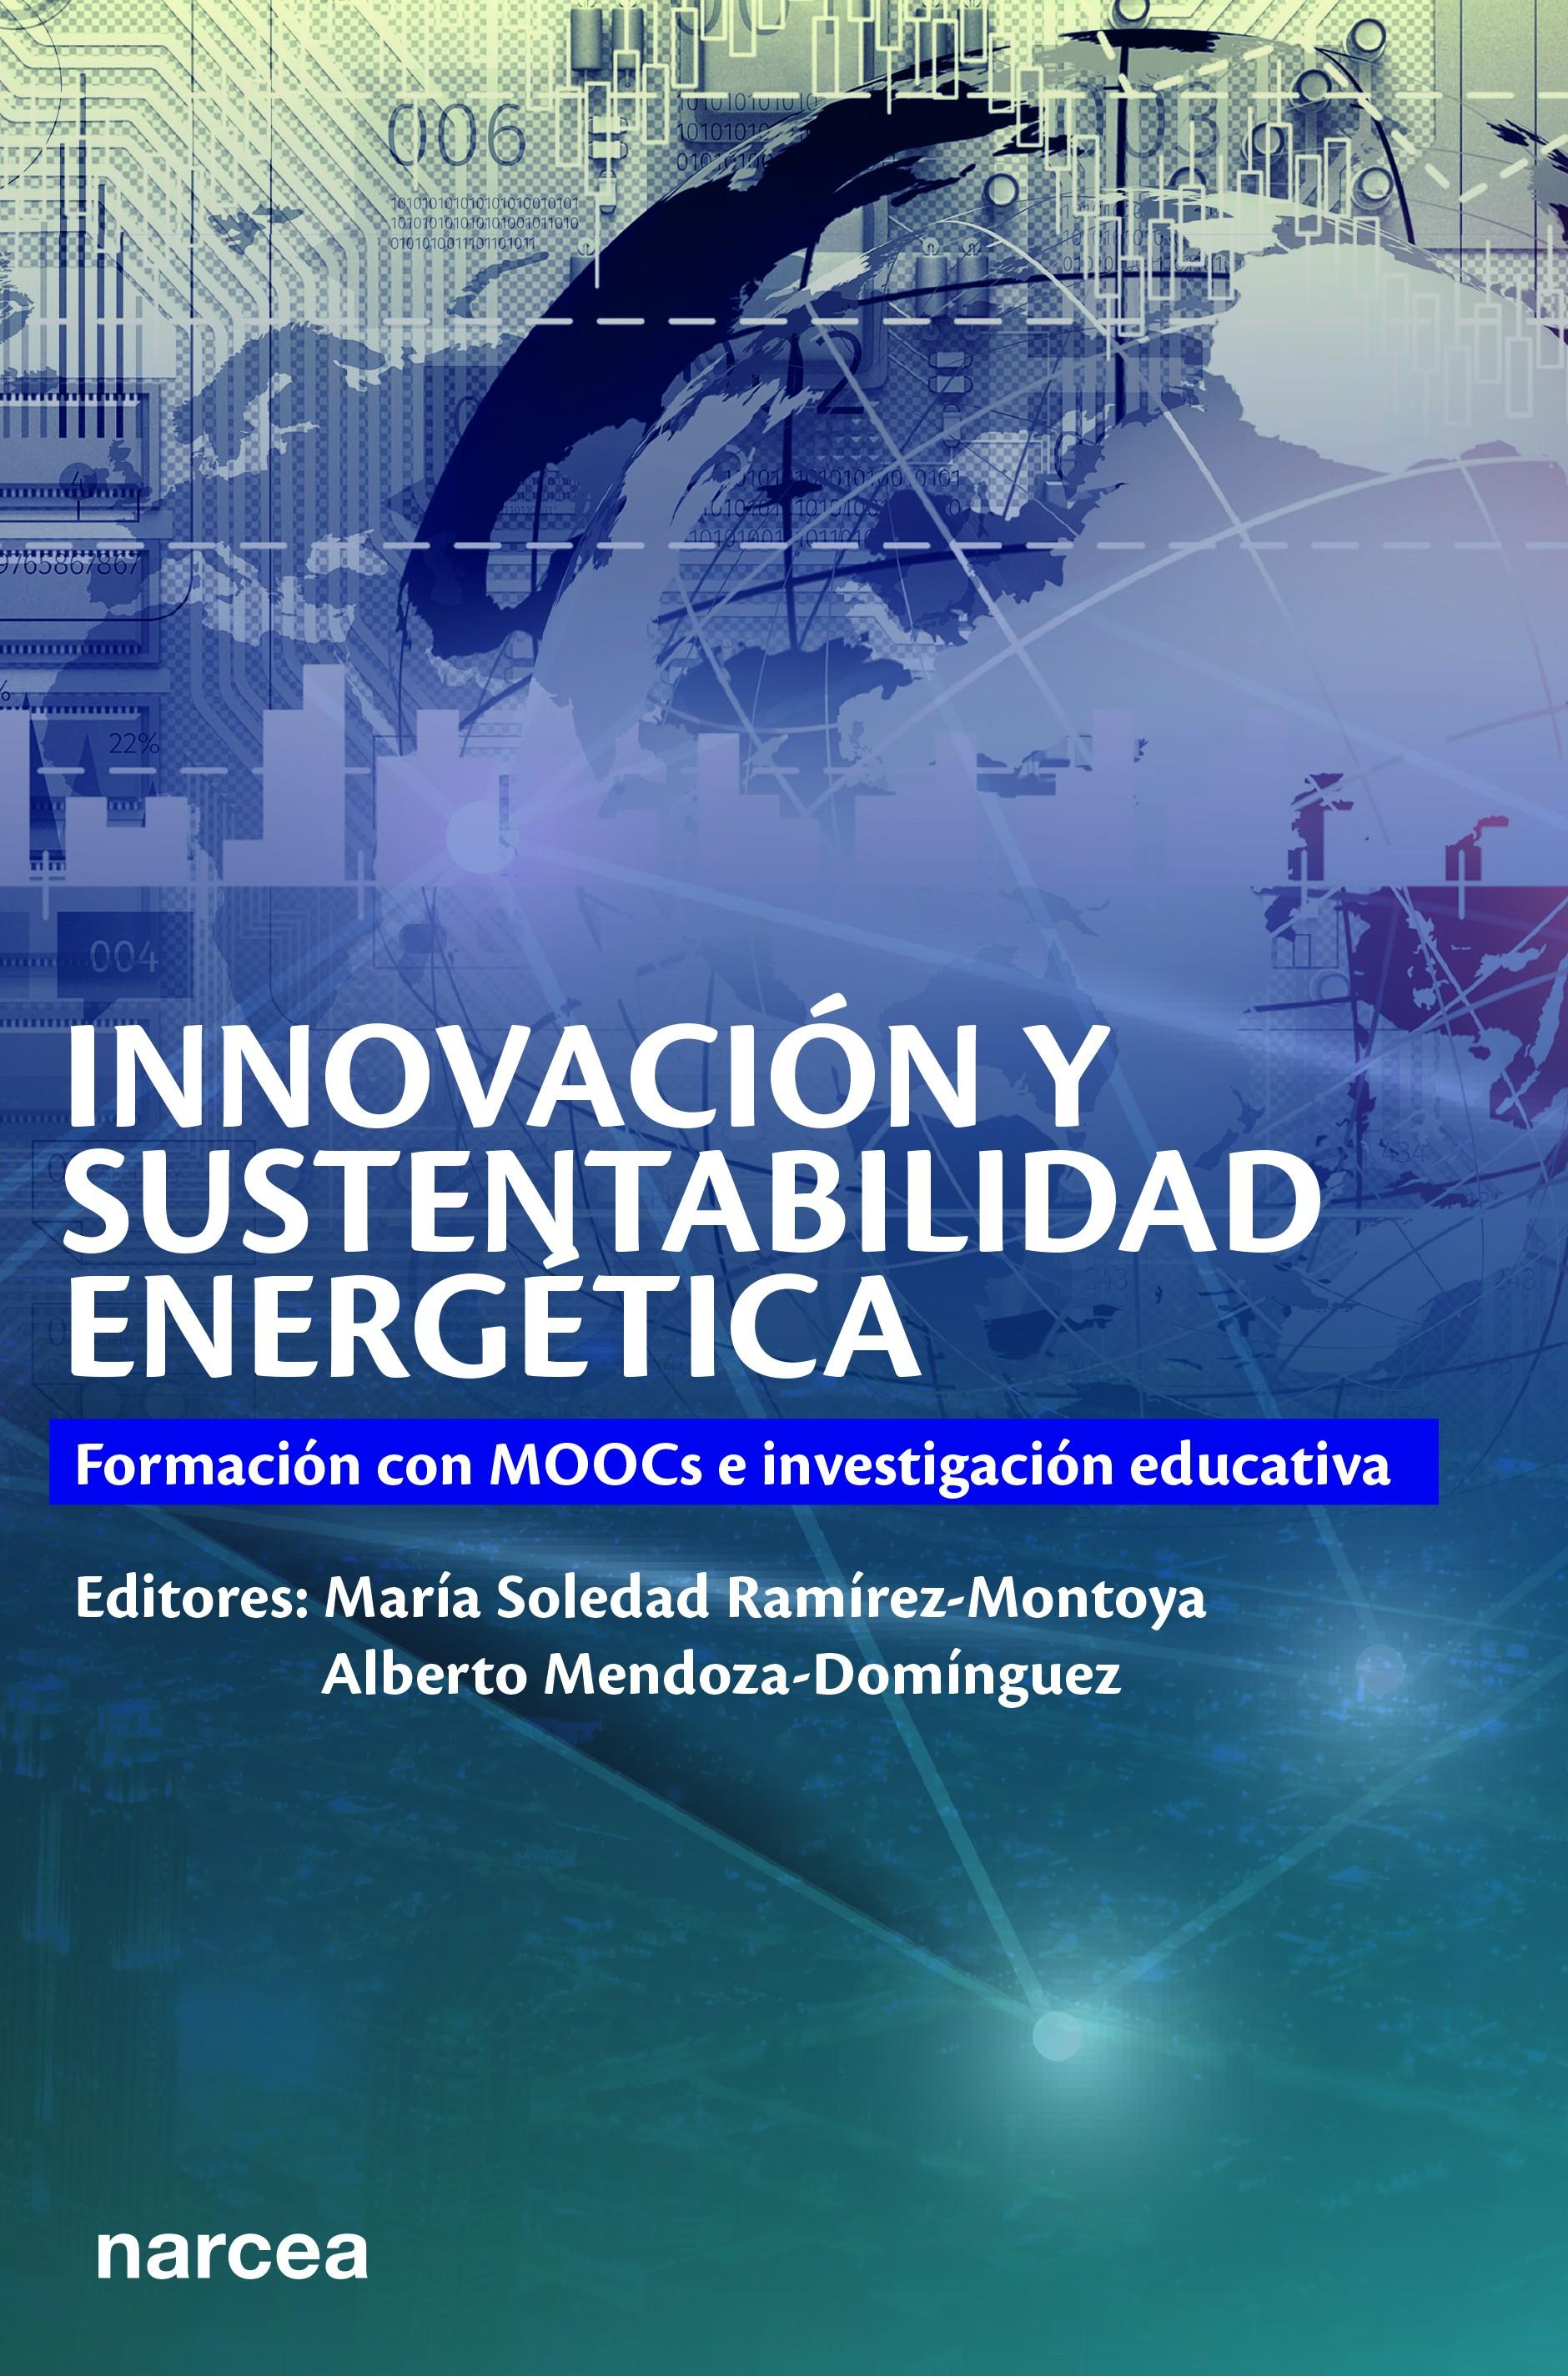 Innovación y sustentabilidad energética